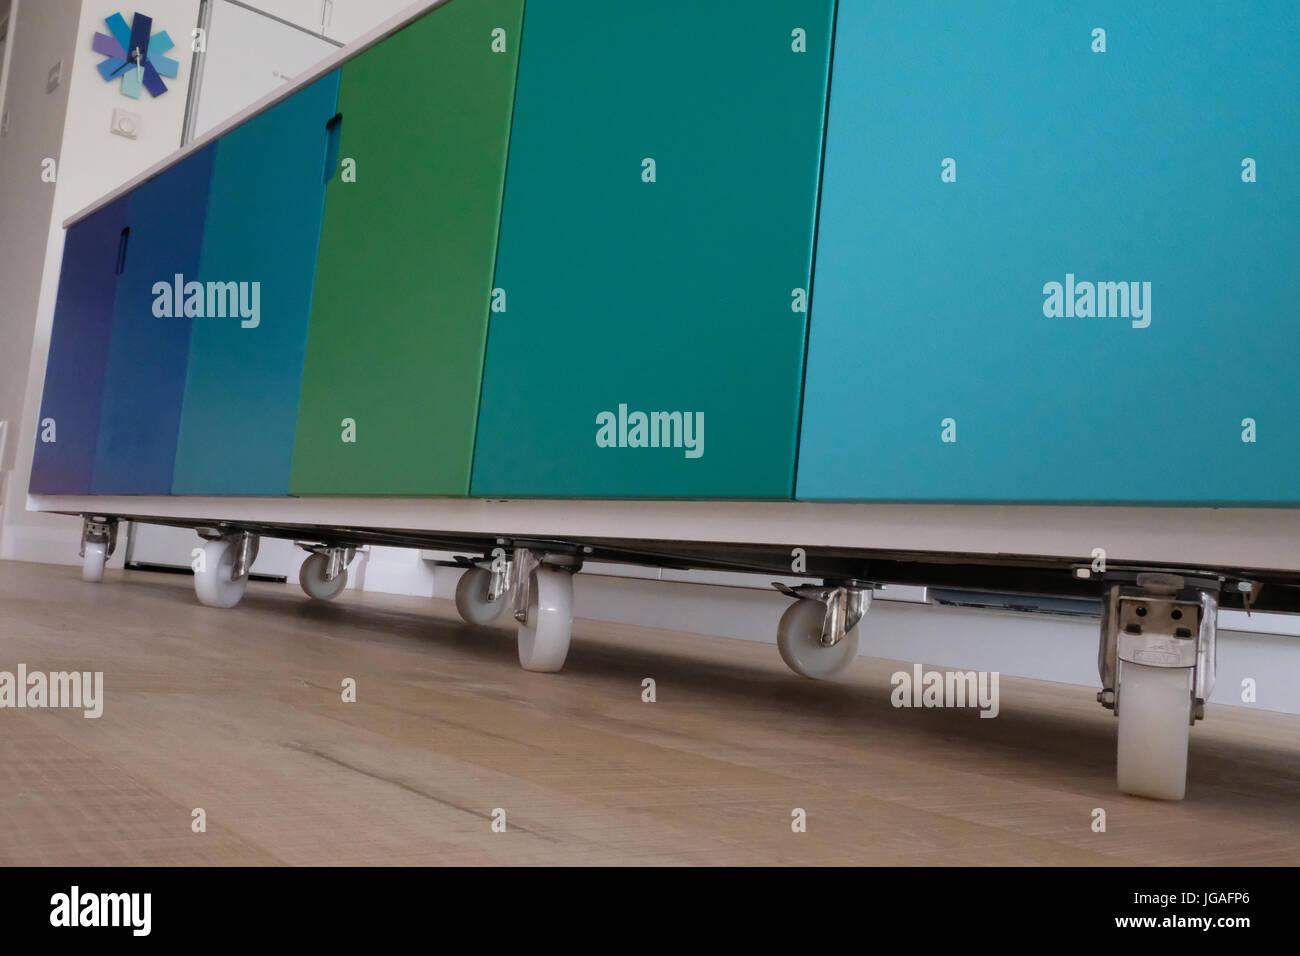 Bewegliche Küche Insel auf Rollen Stockfoto, Bild: 147749342 - Alamy